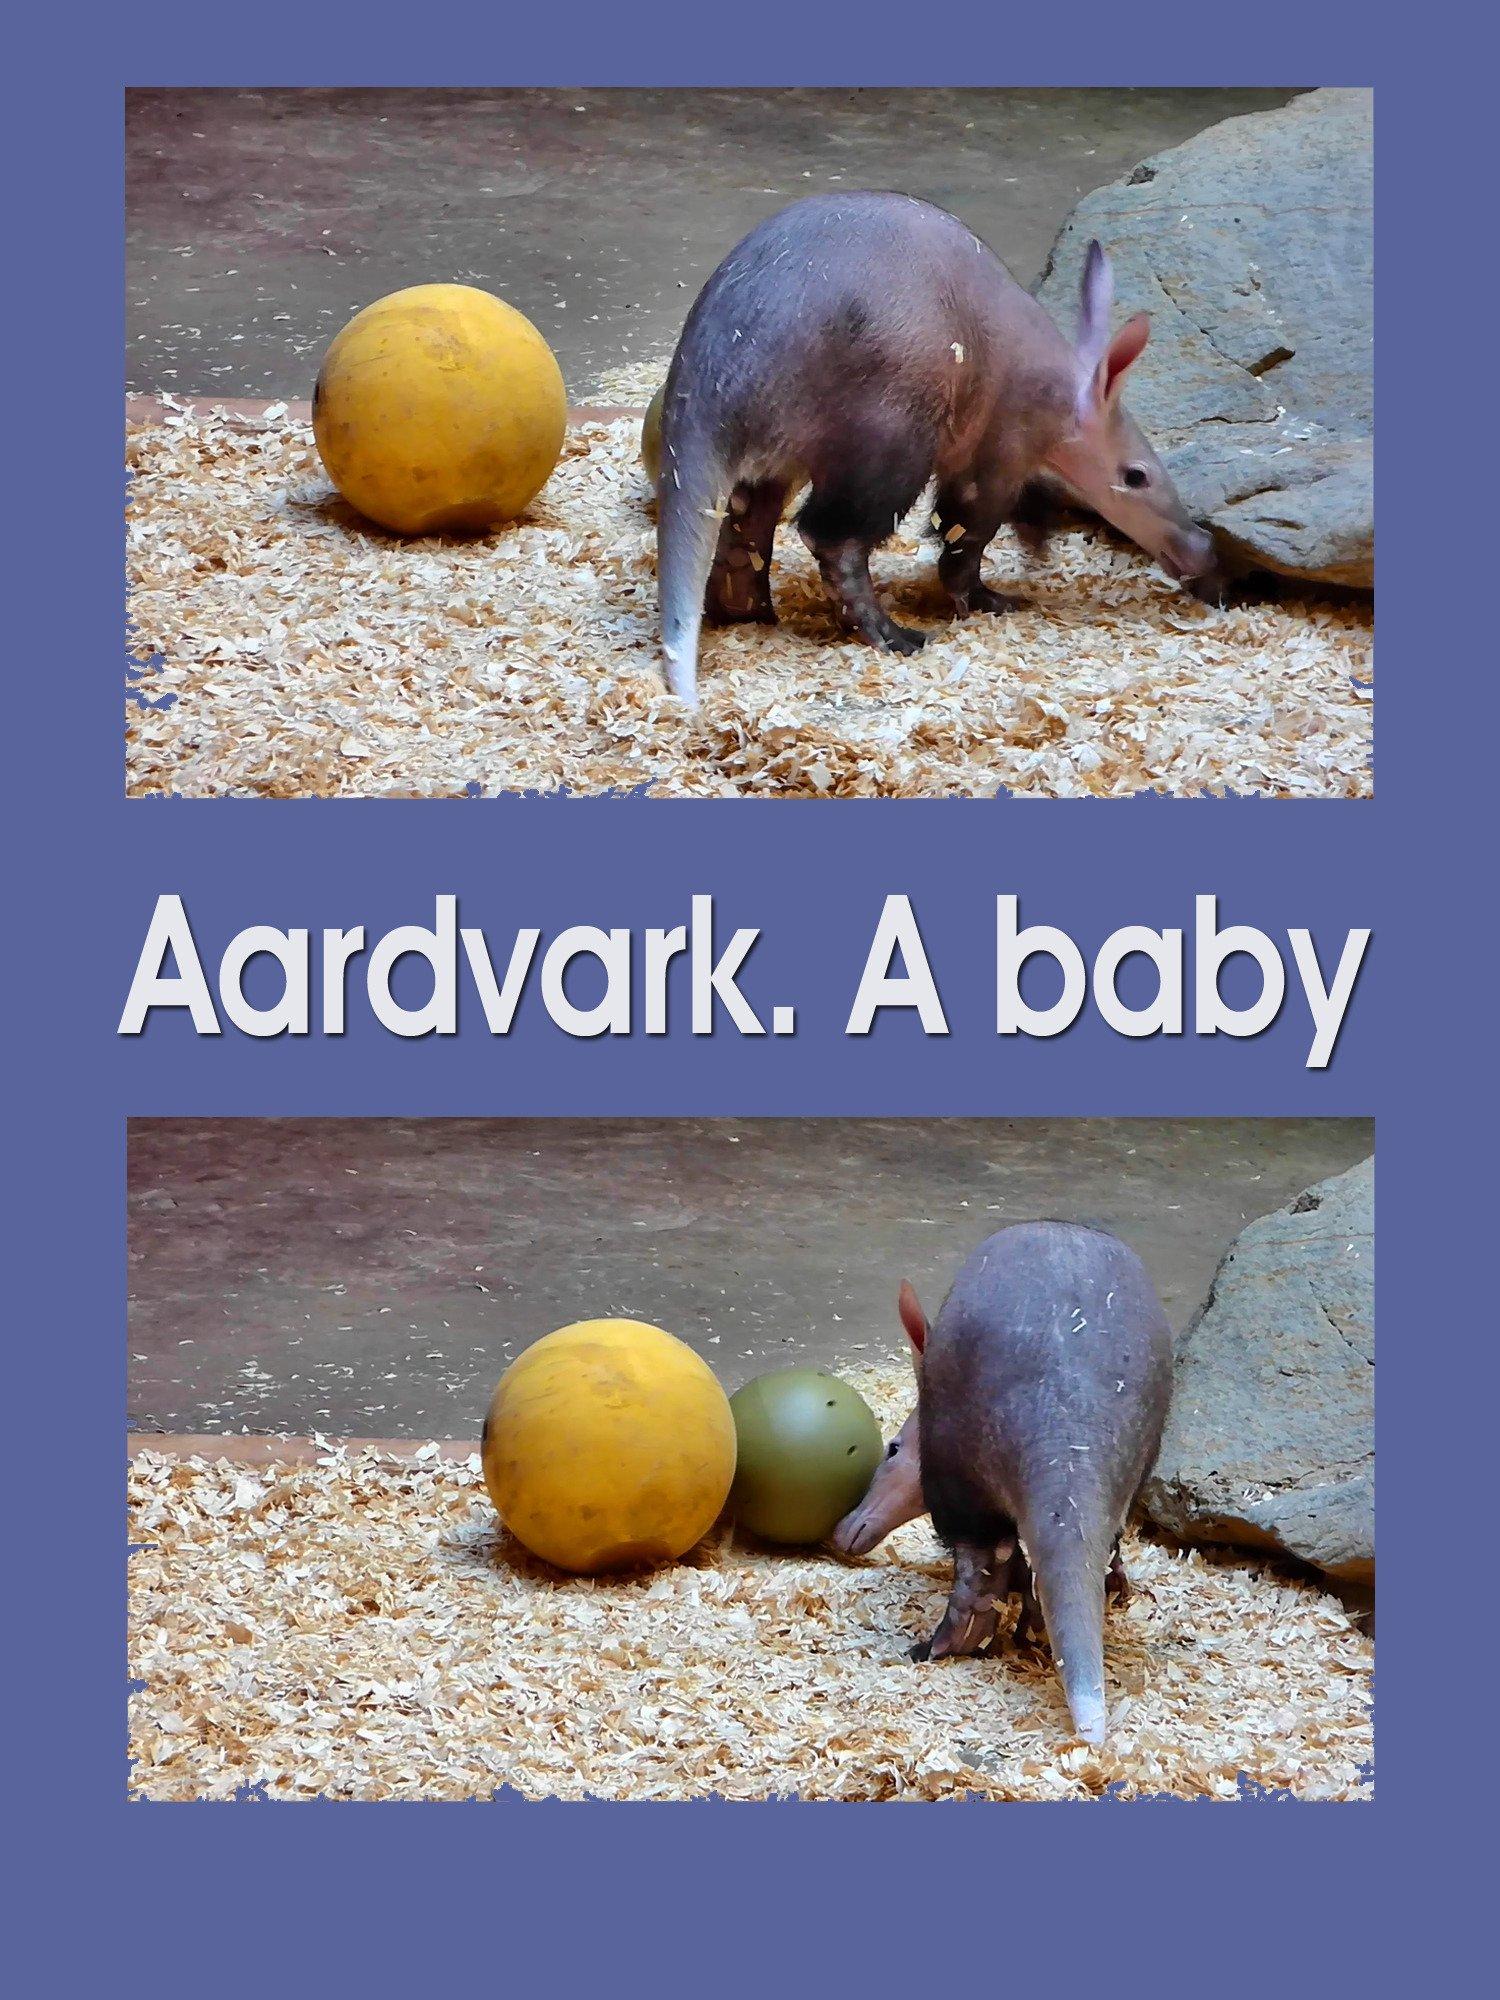 Clip: Aardvark. A baby